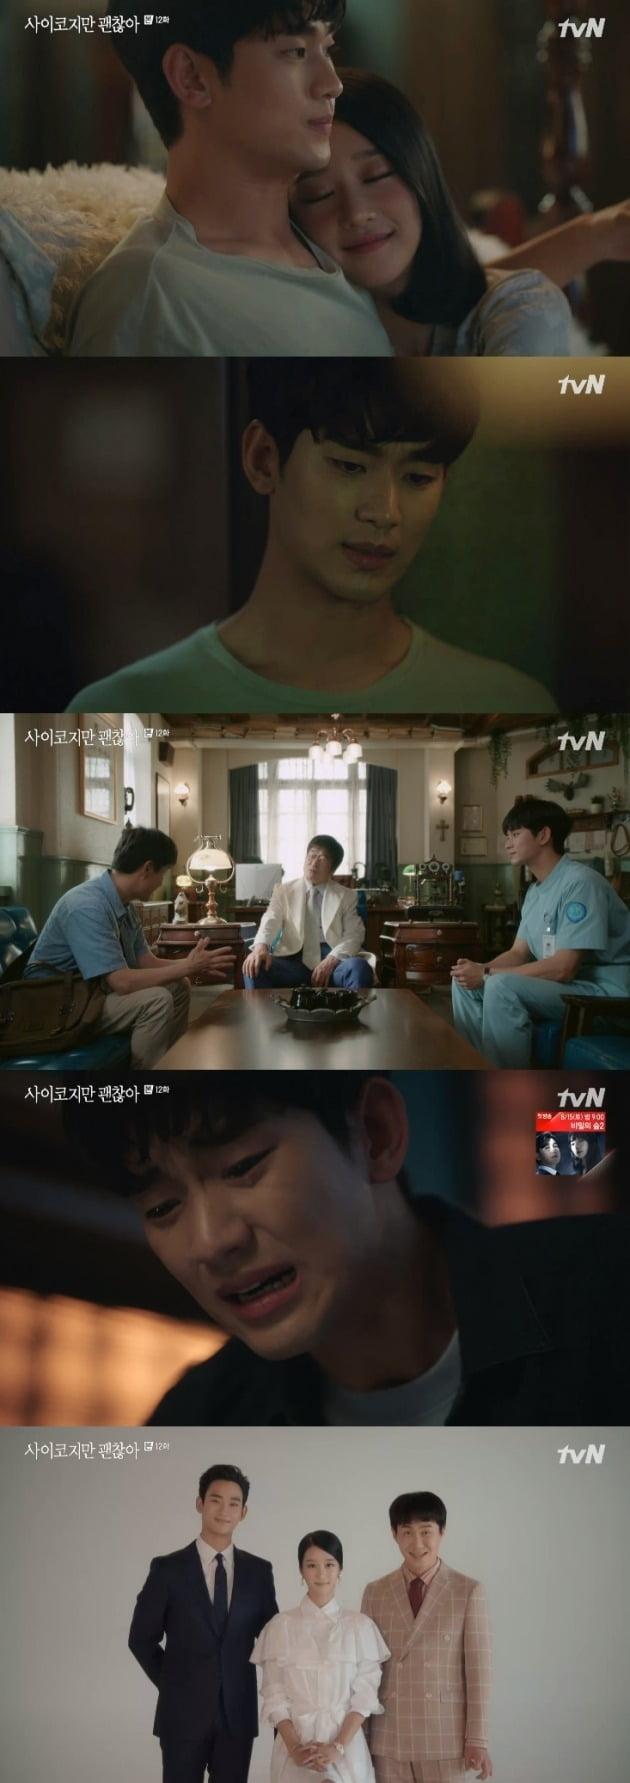 tvN 토일드라마 '사이코지만 괜찮아' 방송화면. /사진제공=tvN